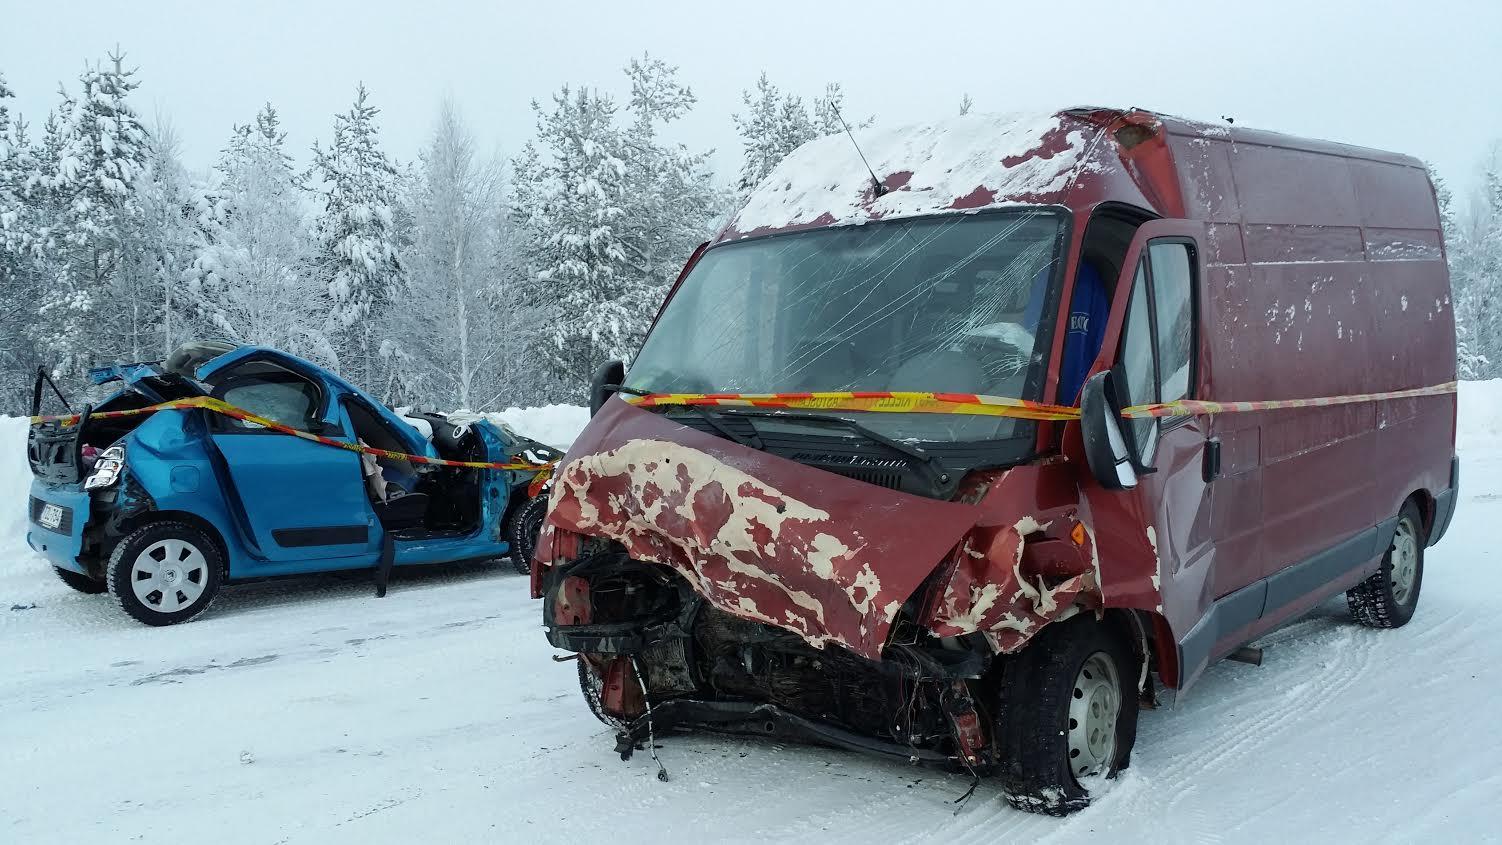 Onnettomuus Nelostie Sodankylä Lismanaapa 17.12.2015